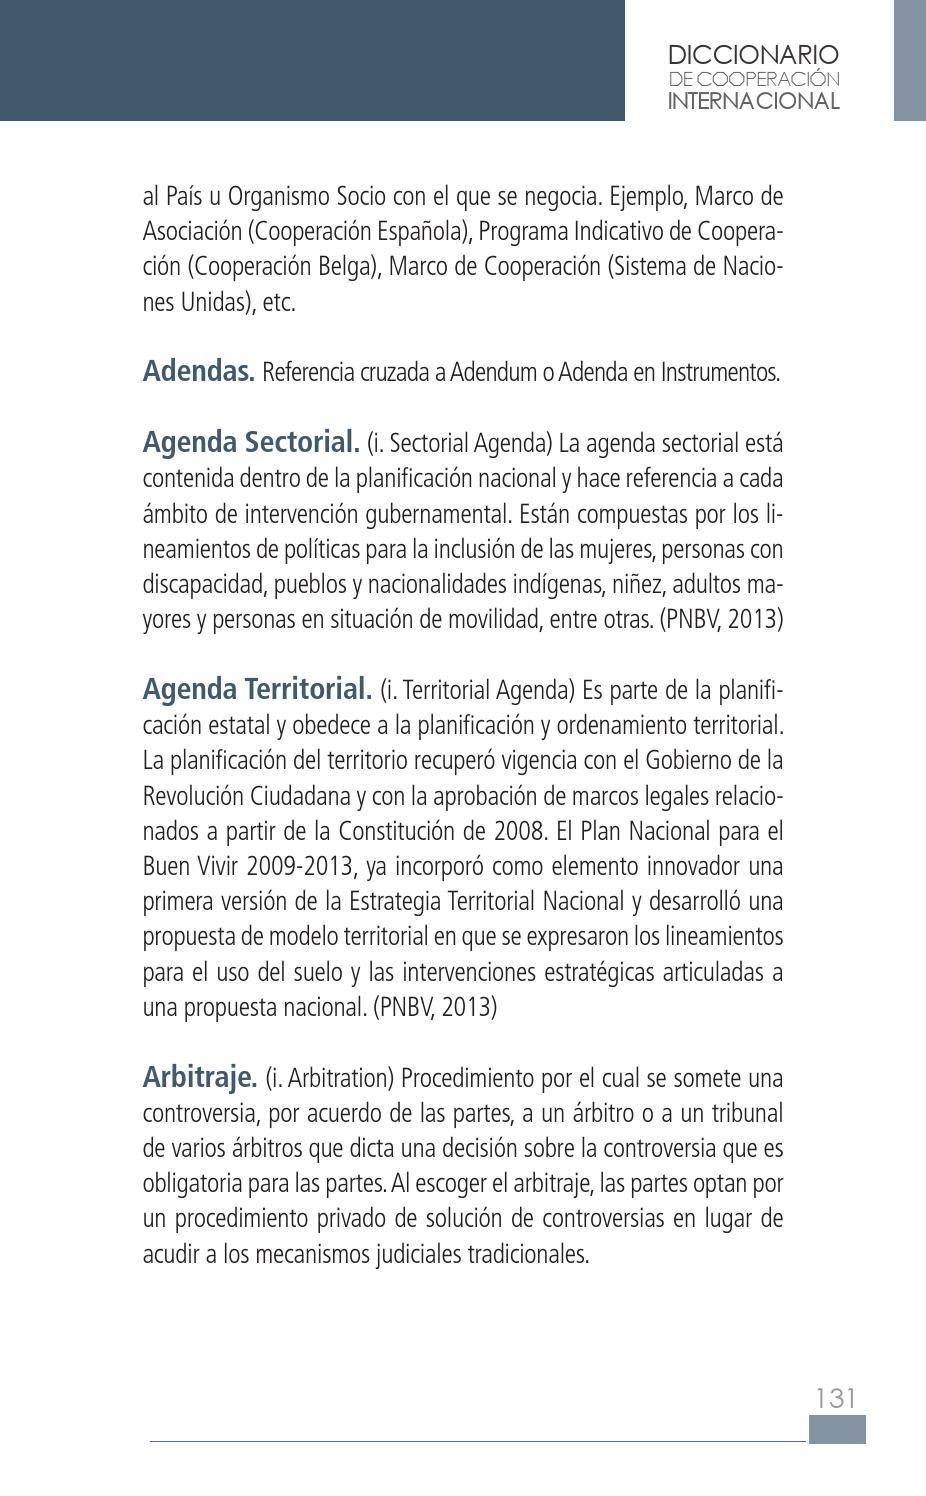 Diccionario de Cooperación Internacional by SETECI - issuu